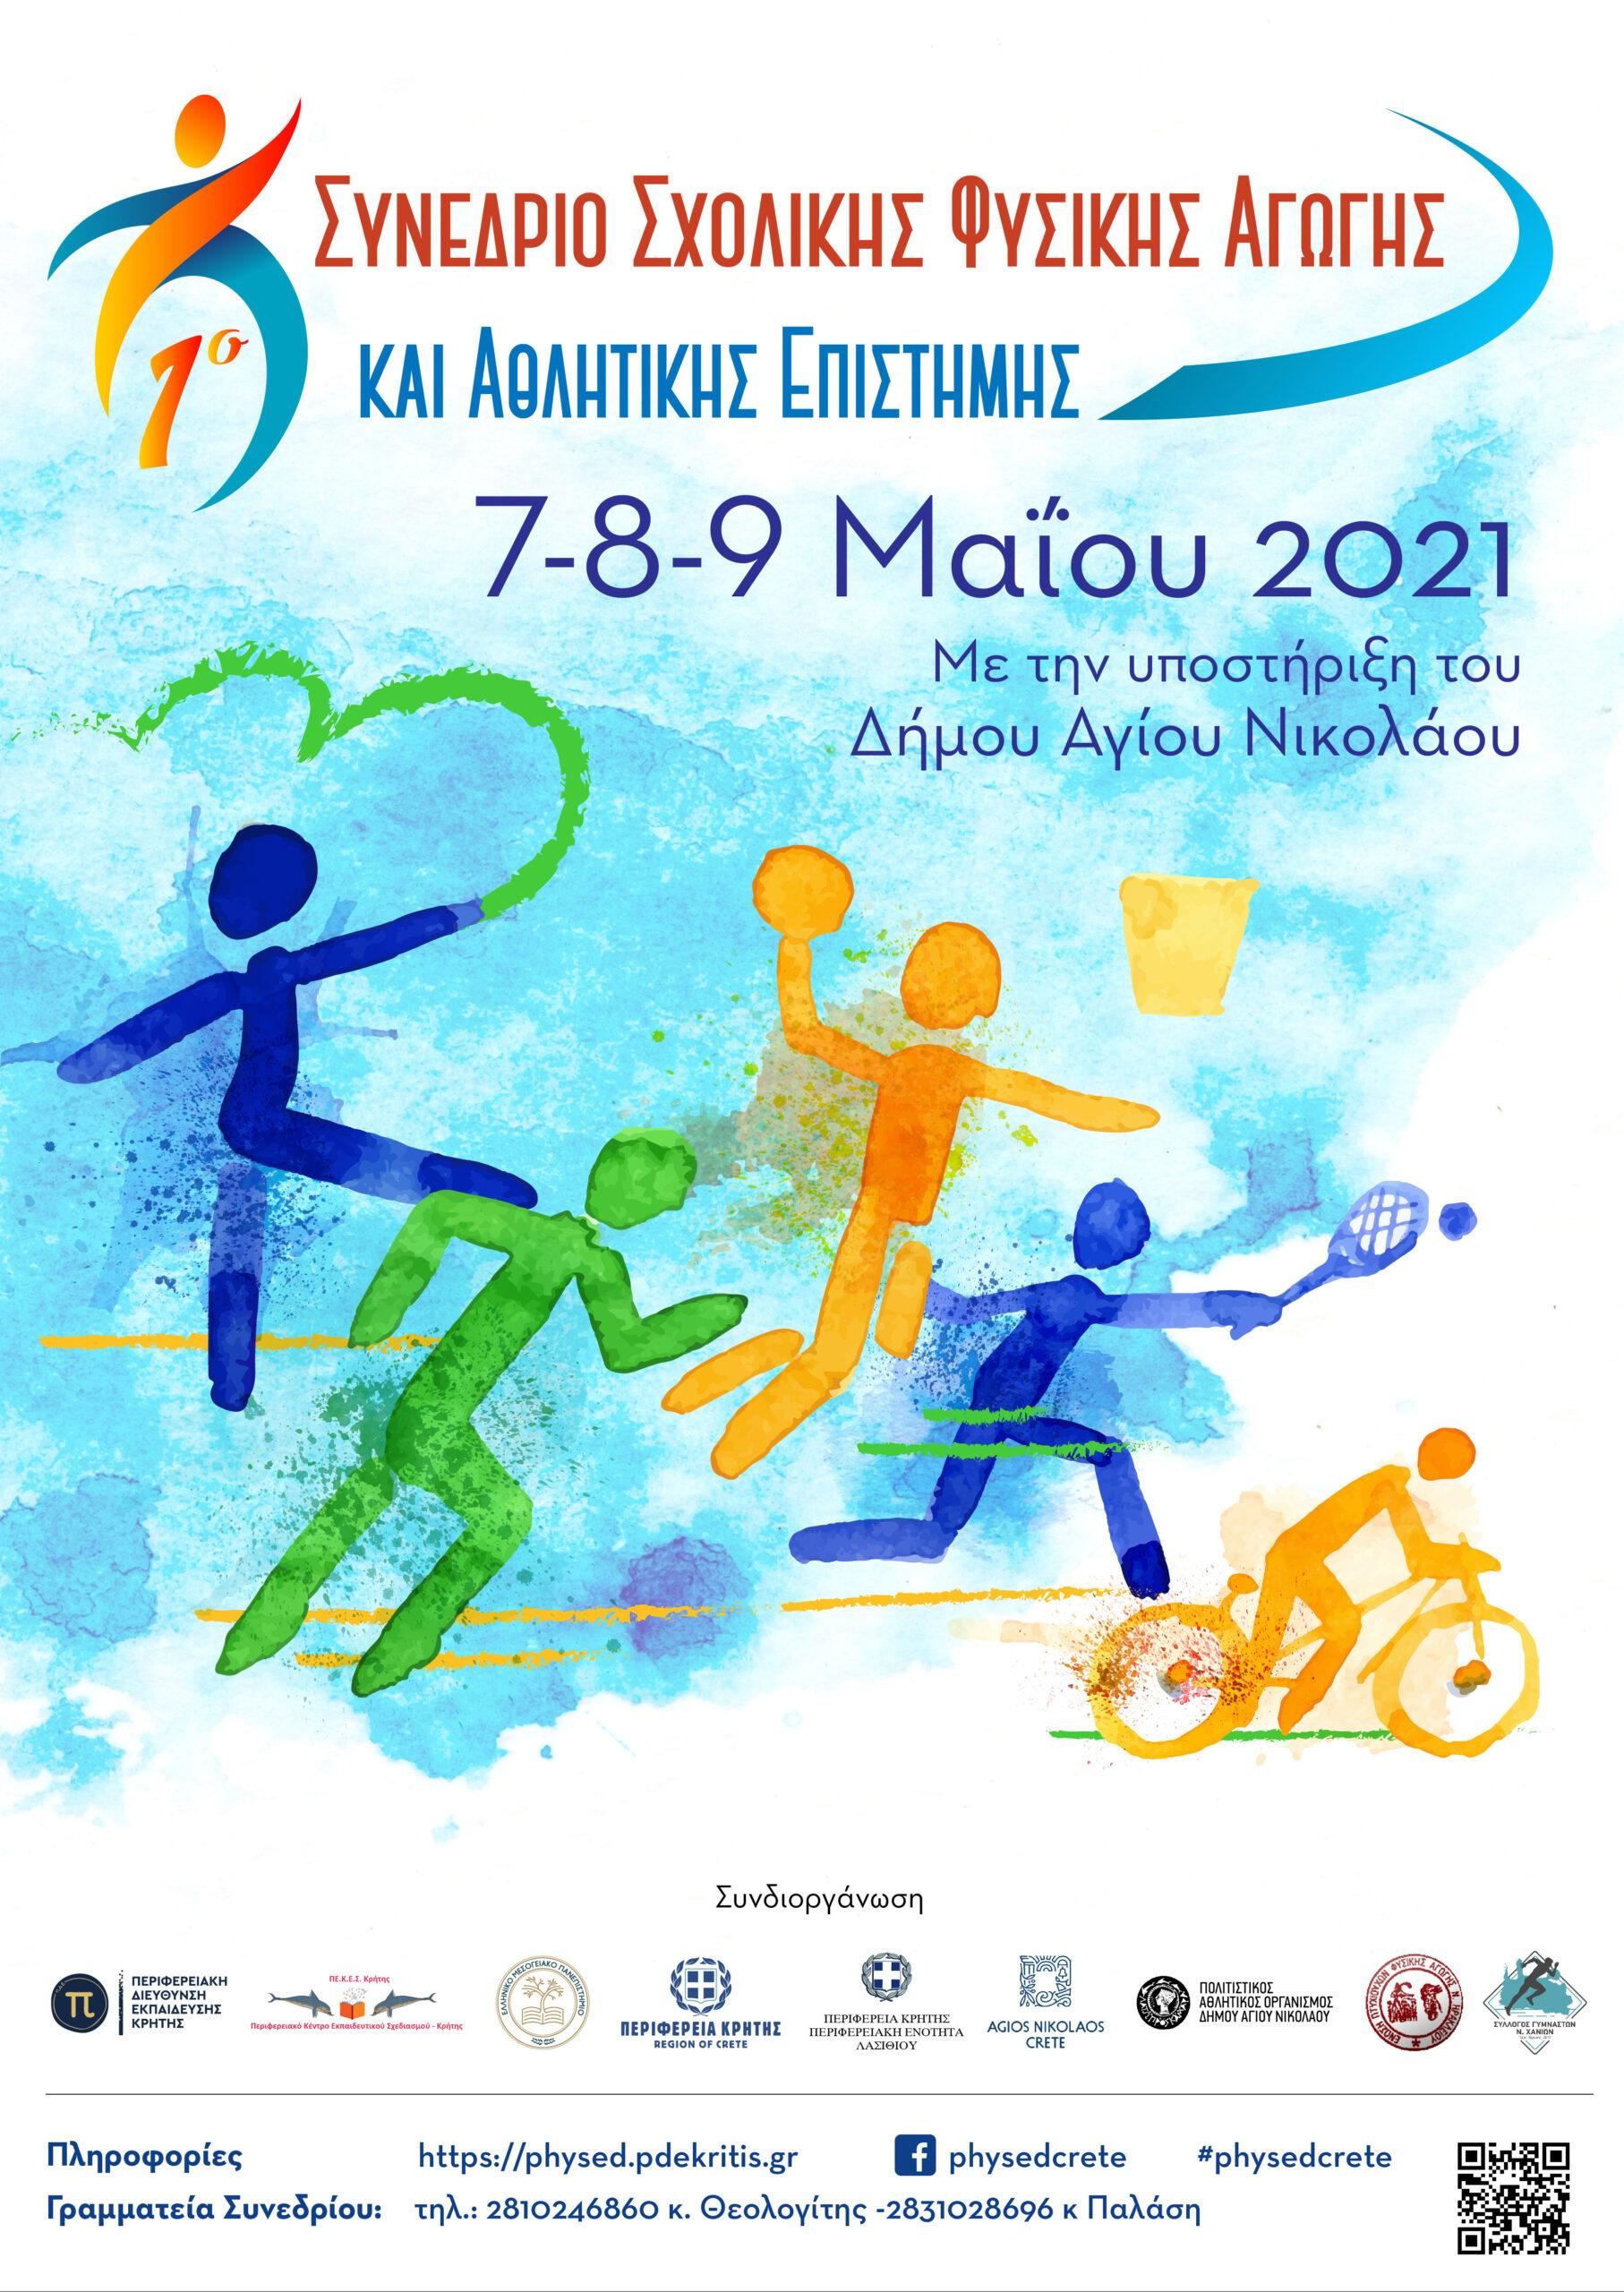 1ο Συνέδριο Σχολικής Φυσικής Αγωγής και Αθλητικής Επιστήμης